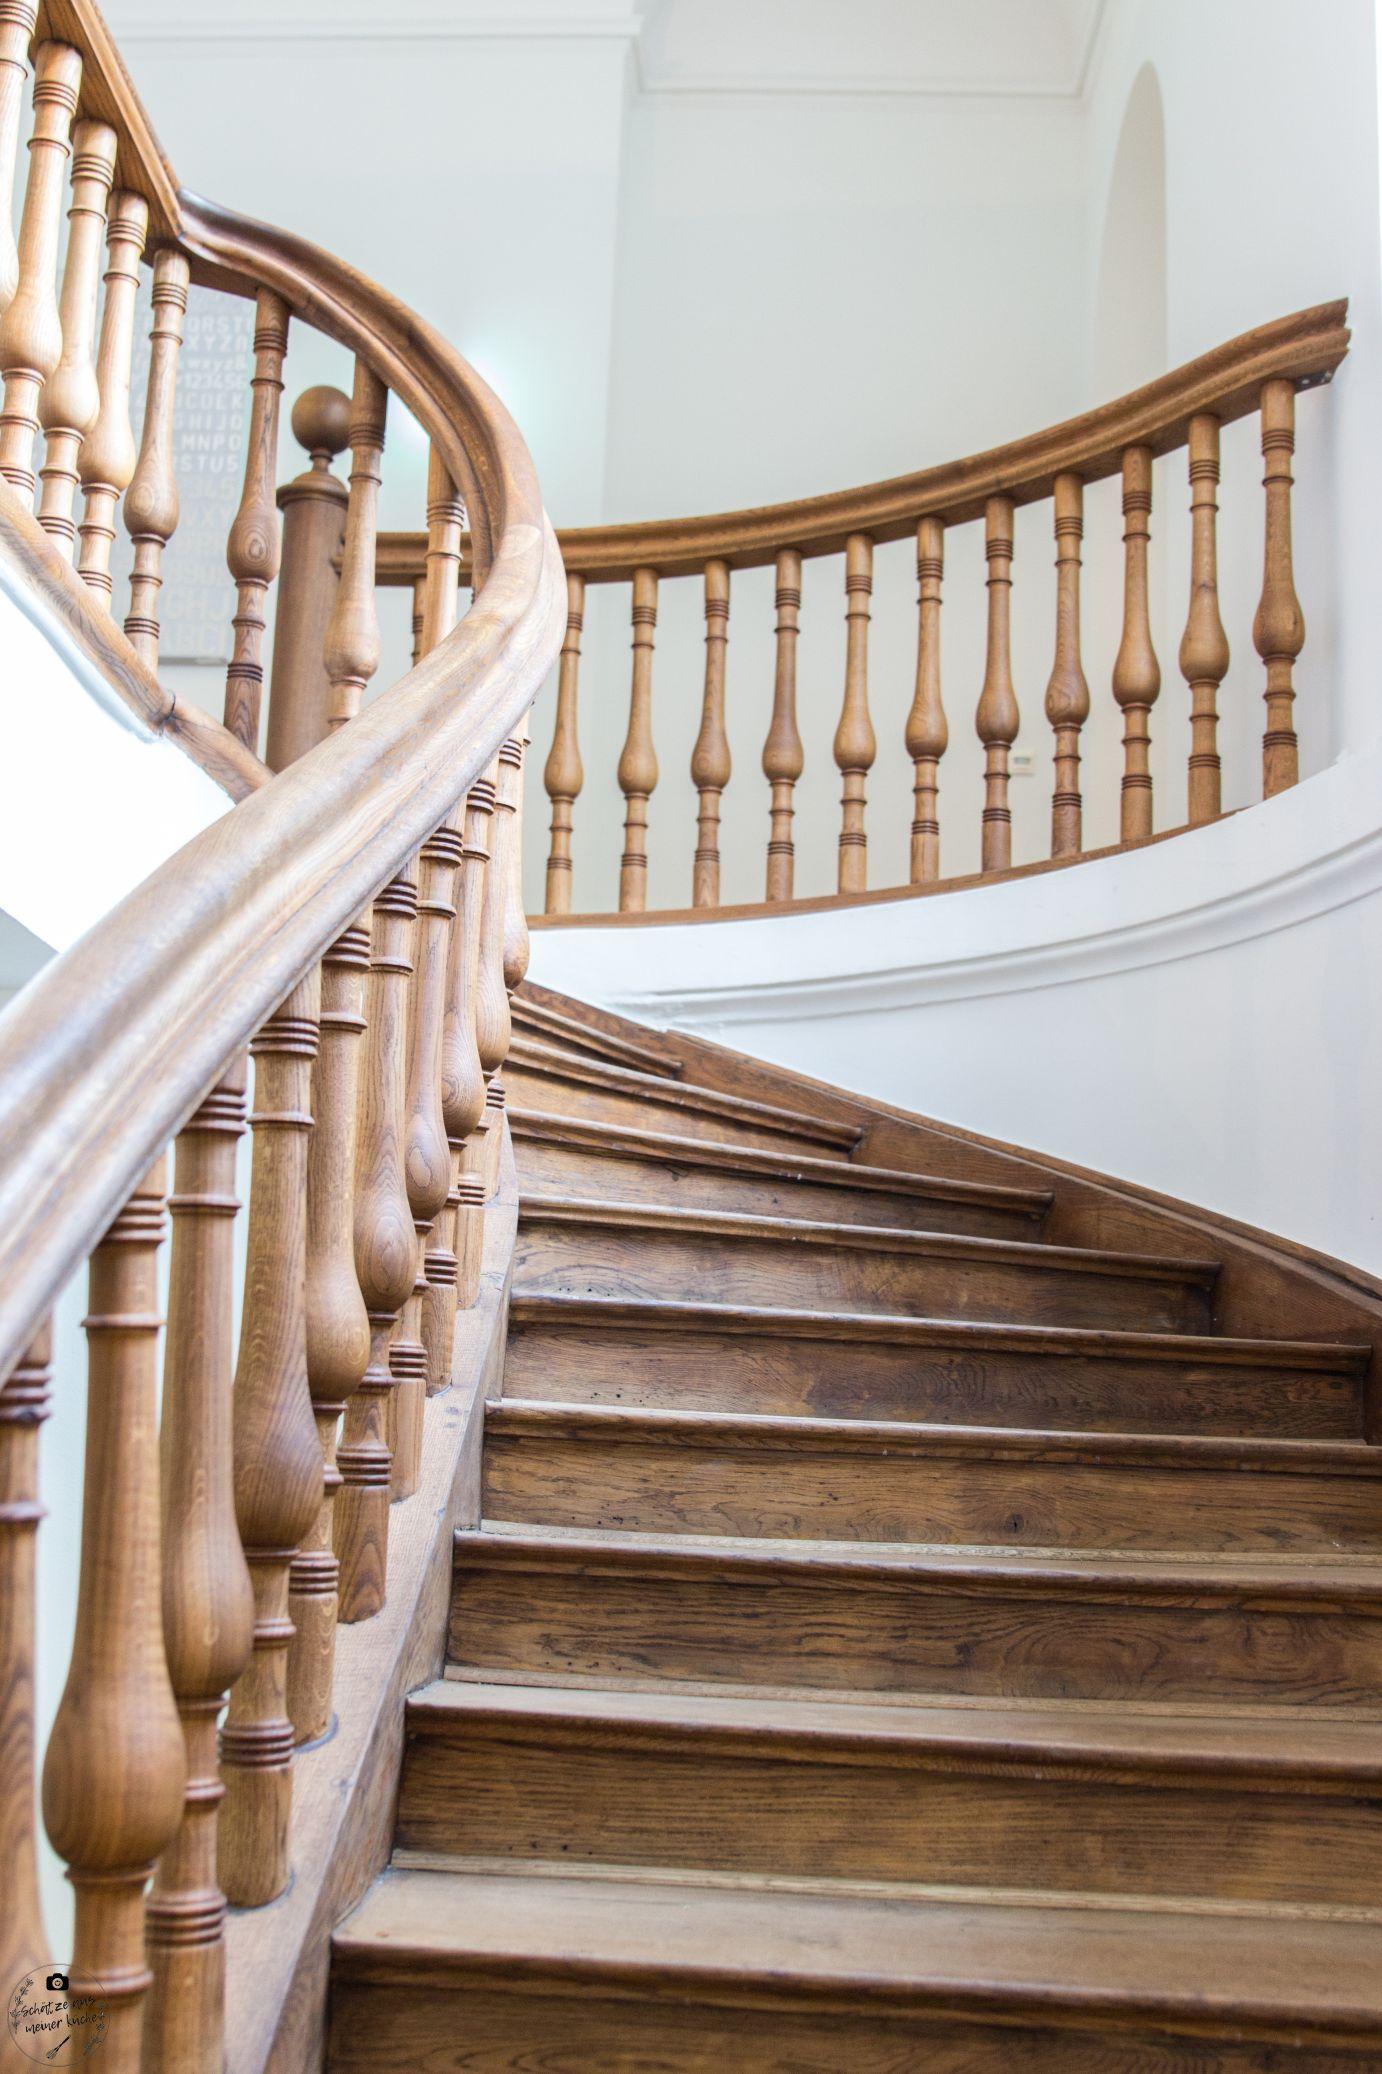 DAS TEGERNSEE Sengerschloss Treppenaufgang